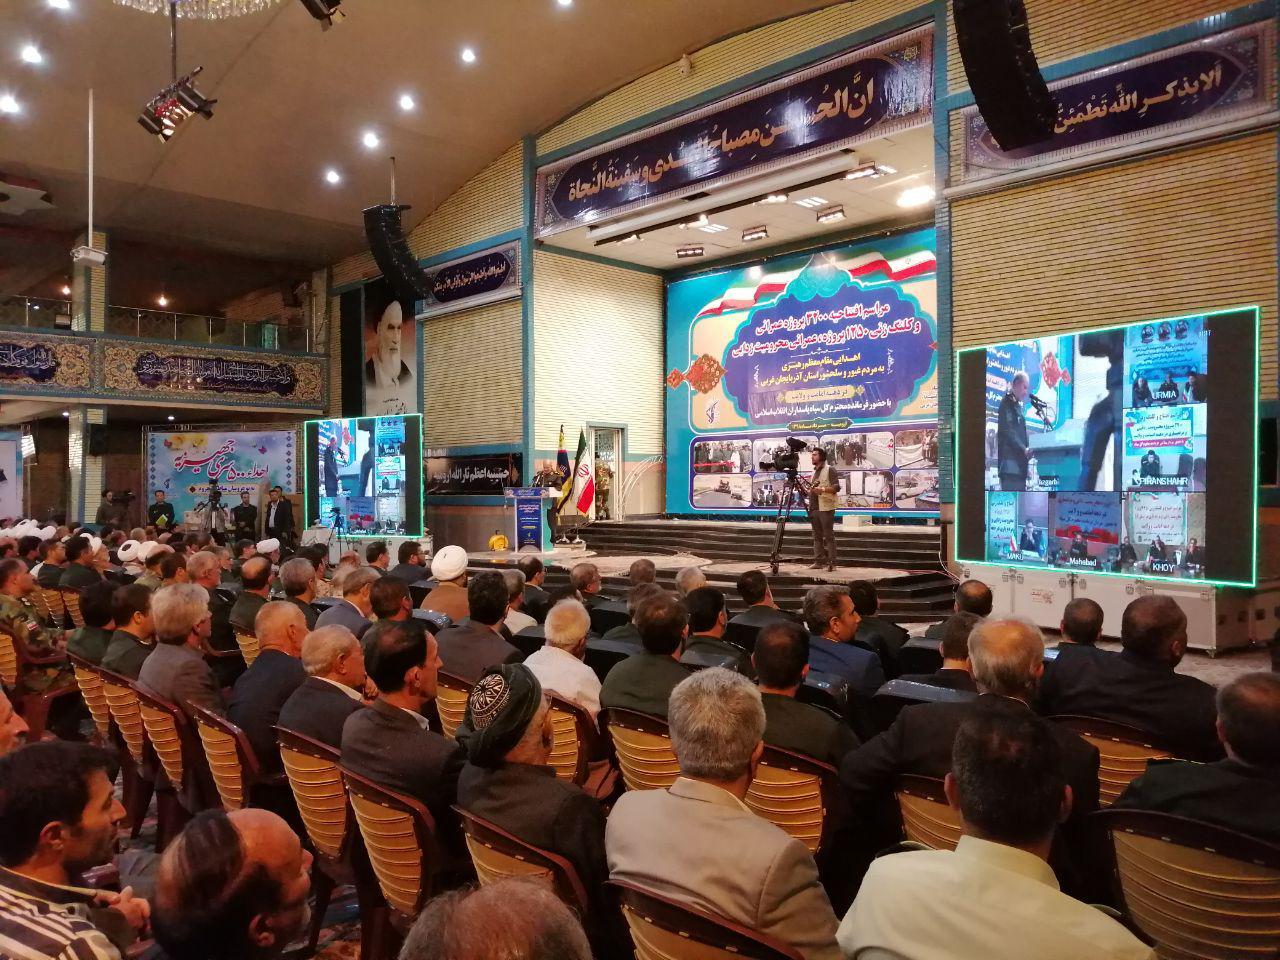 ۱۲۵۰ پروژه محرومیت زدایی در آذربایجان غربی به بهره برداری رسید